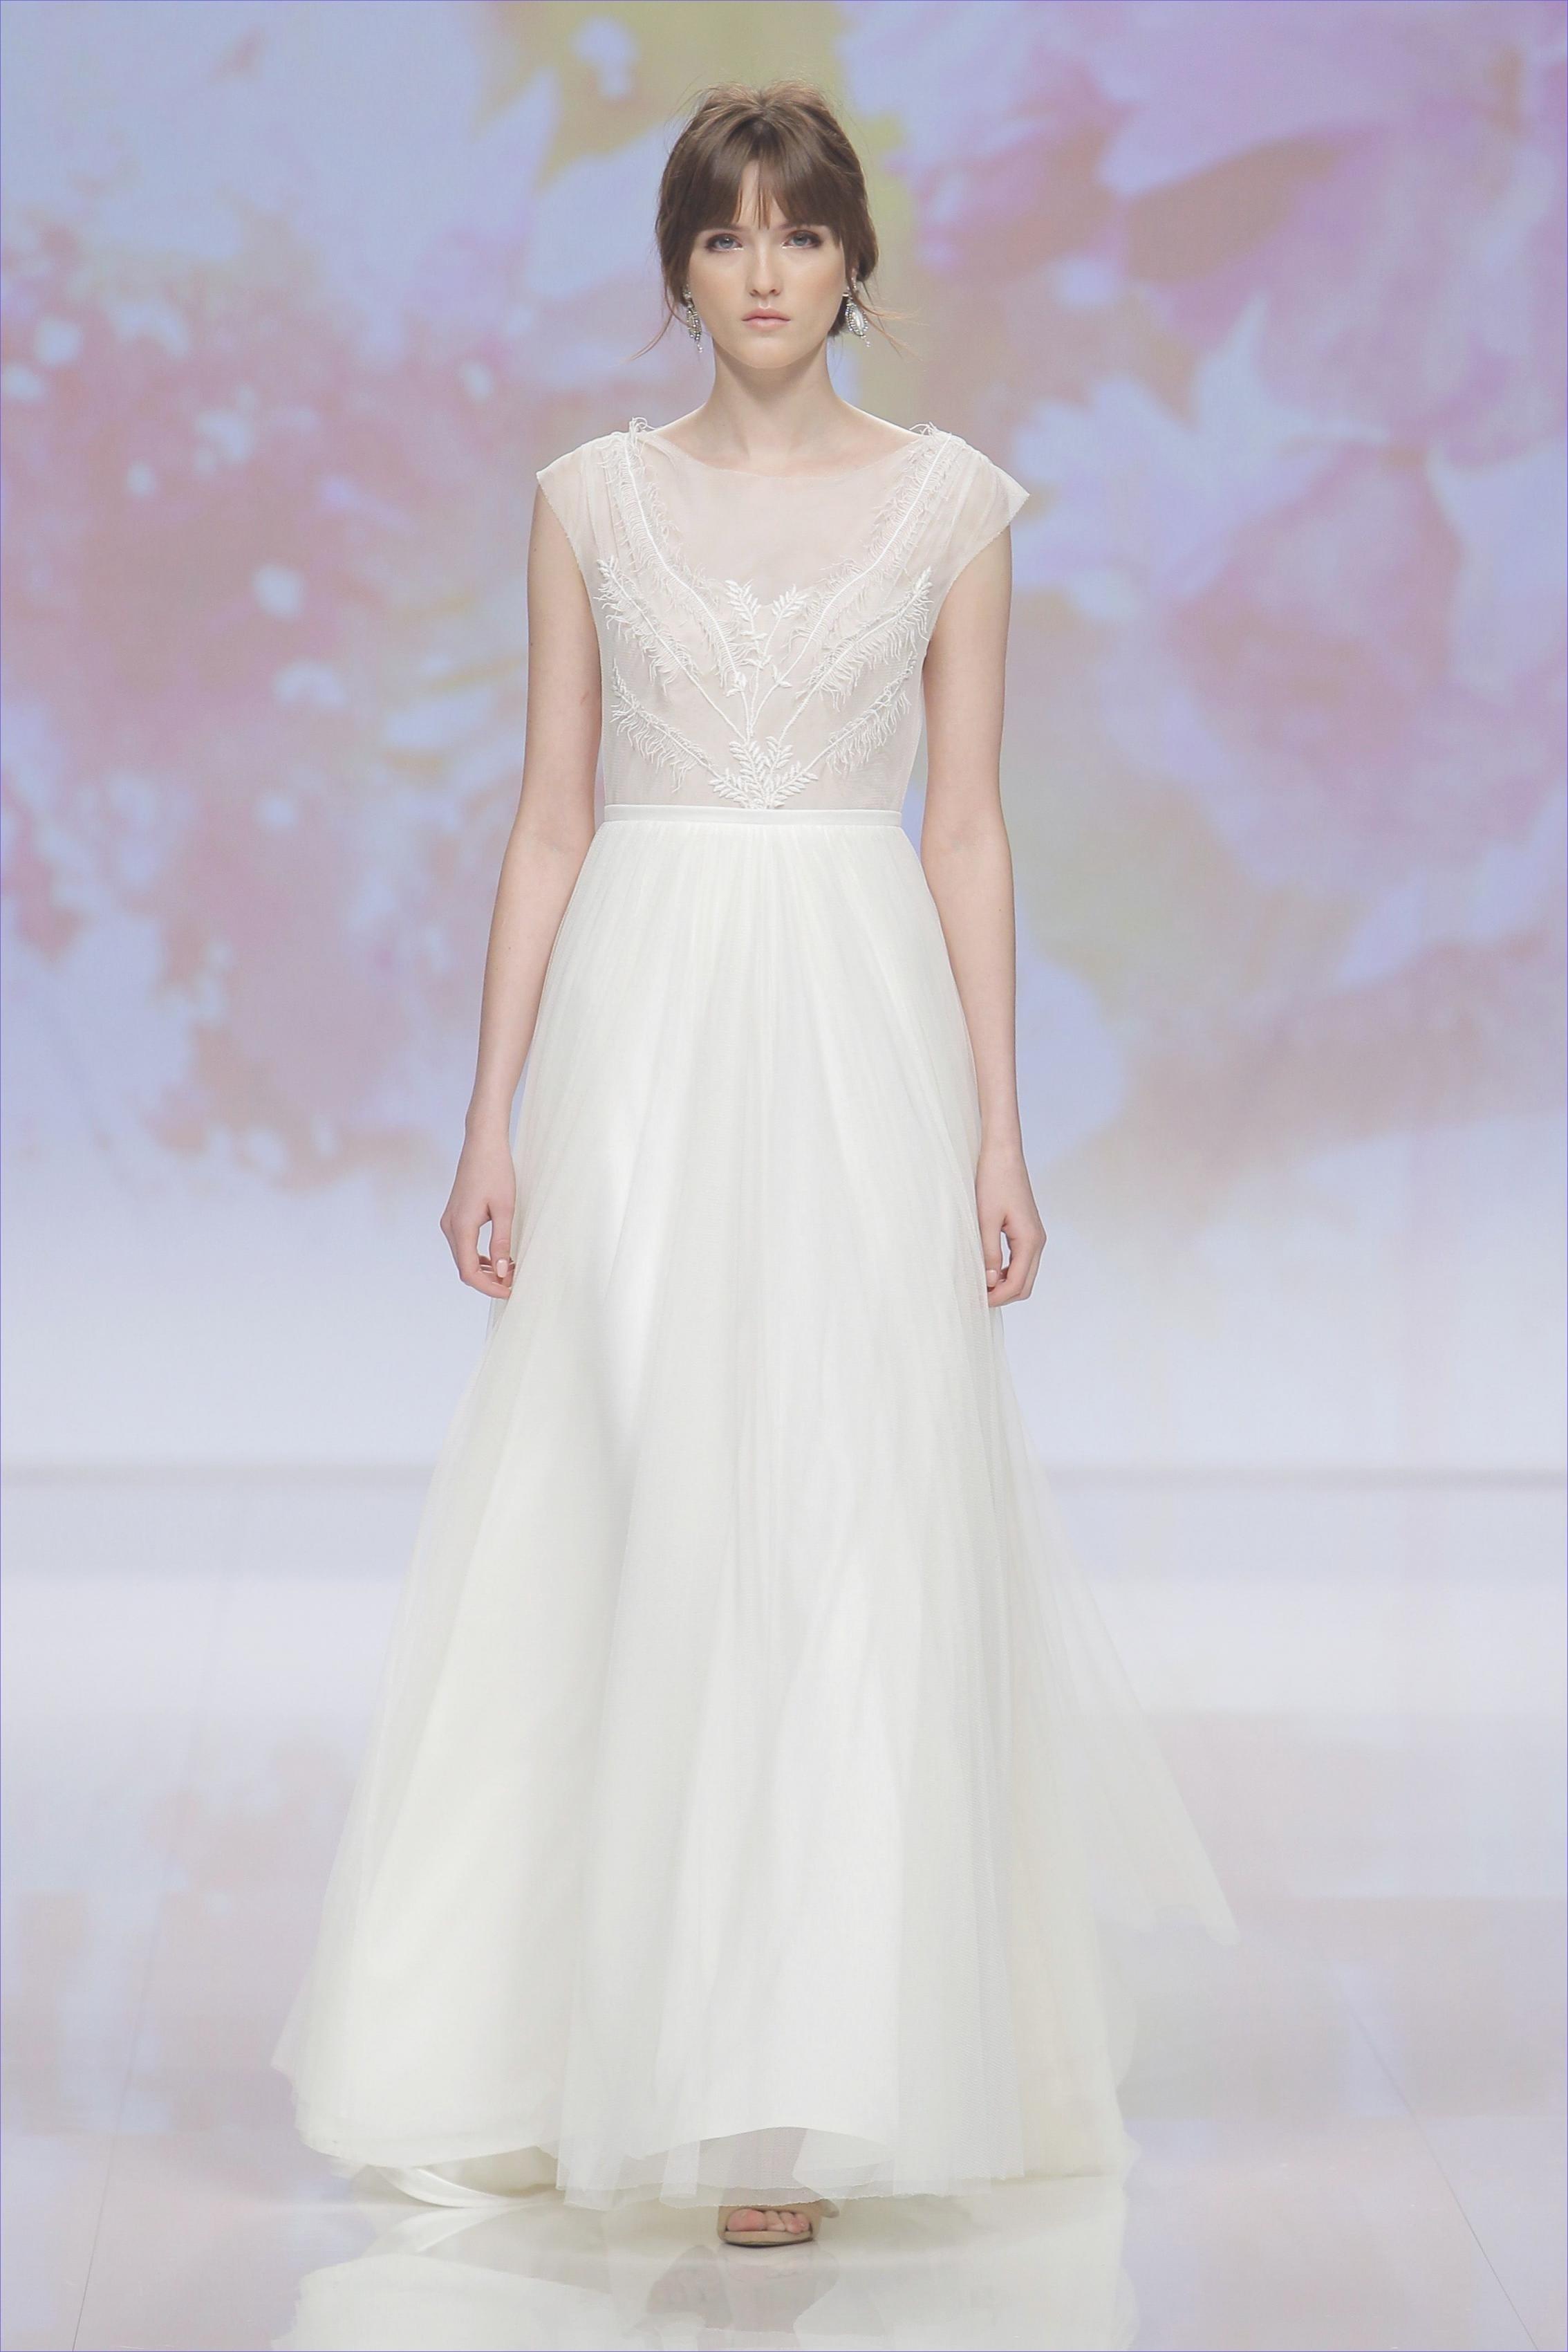 13 Leicht Sommerkleid Hochzeit Vertrieb20 Elegant Sommerkleid Hochzeit für 2019